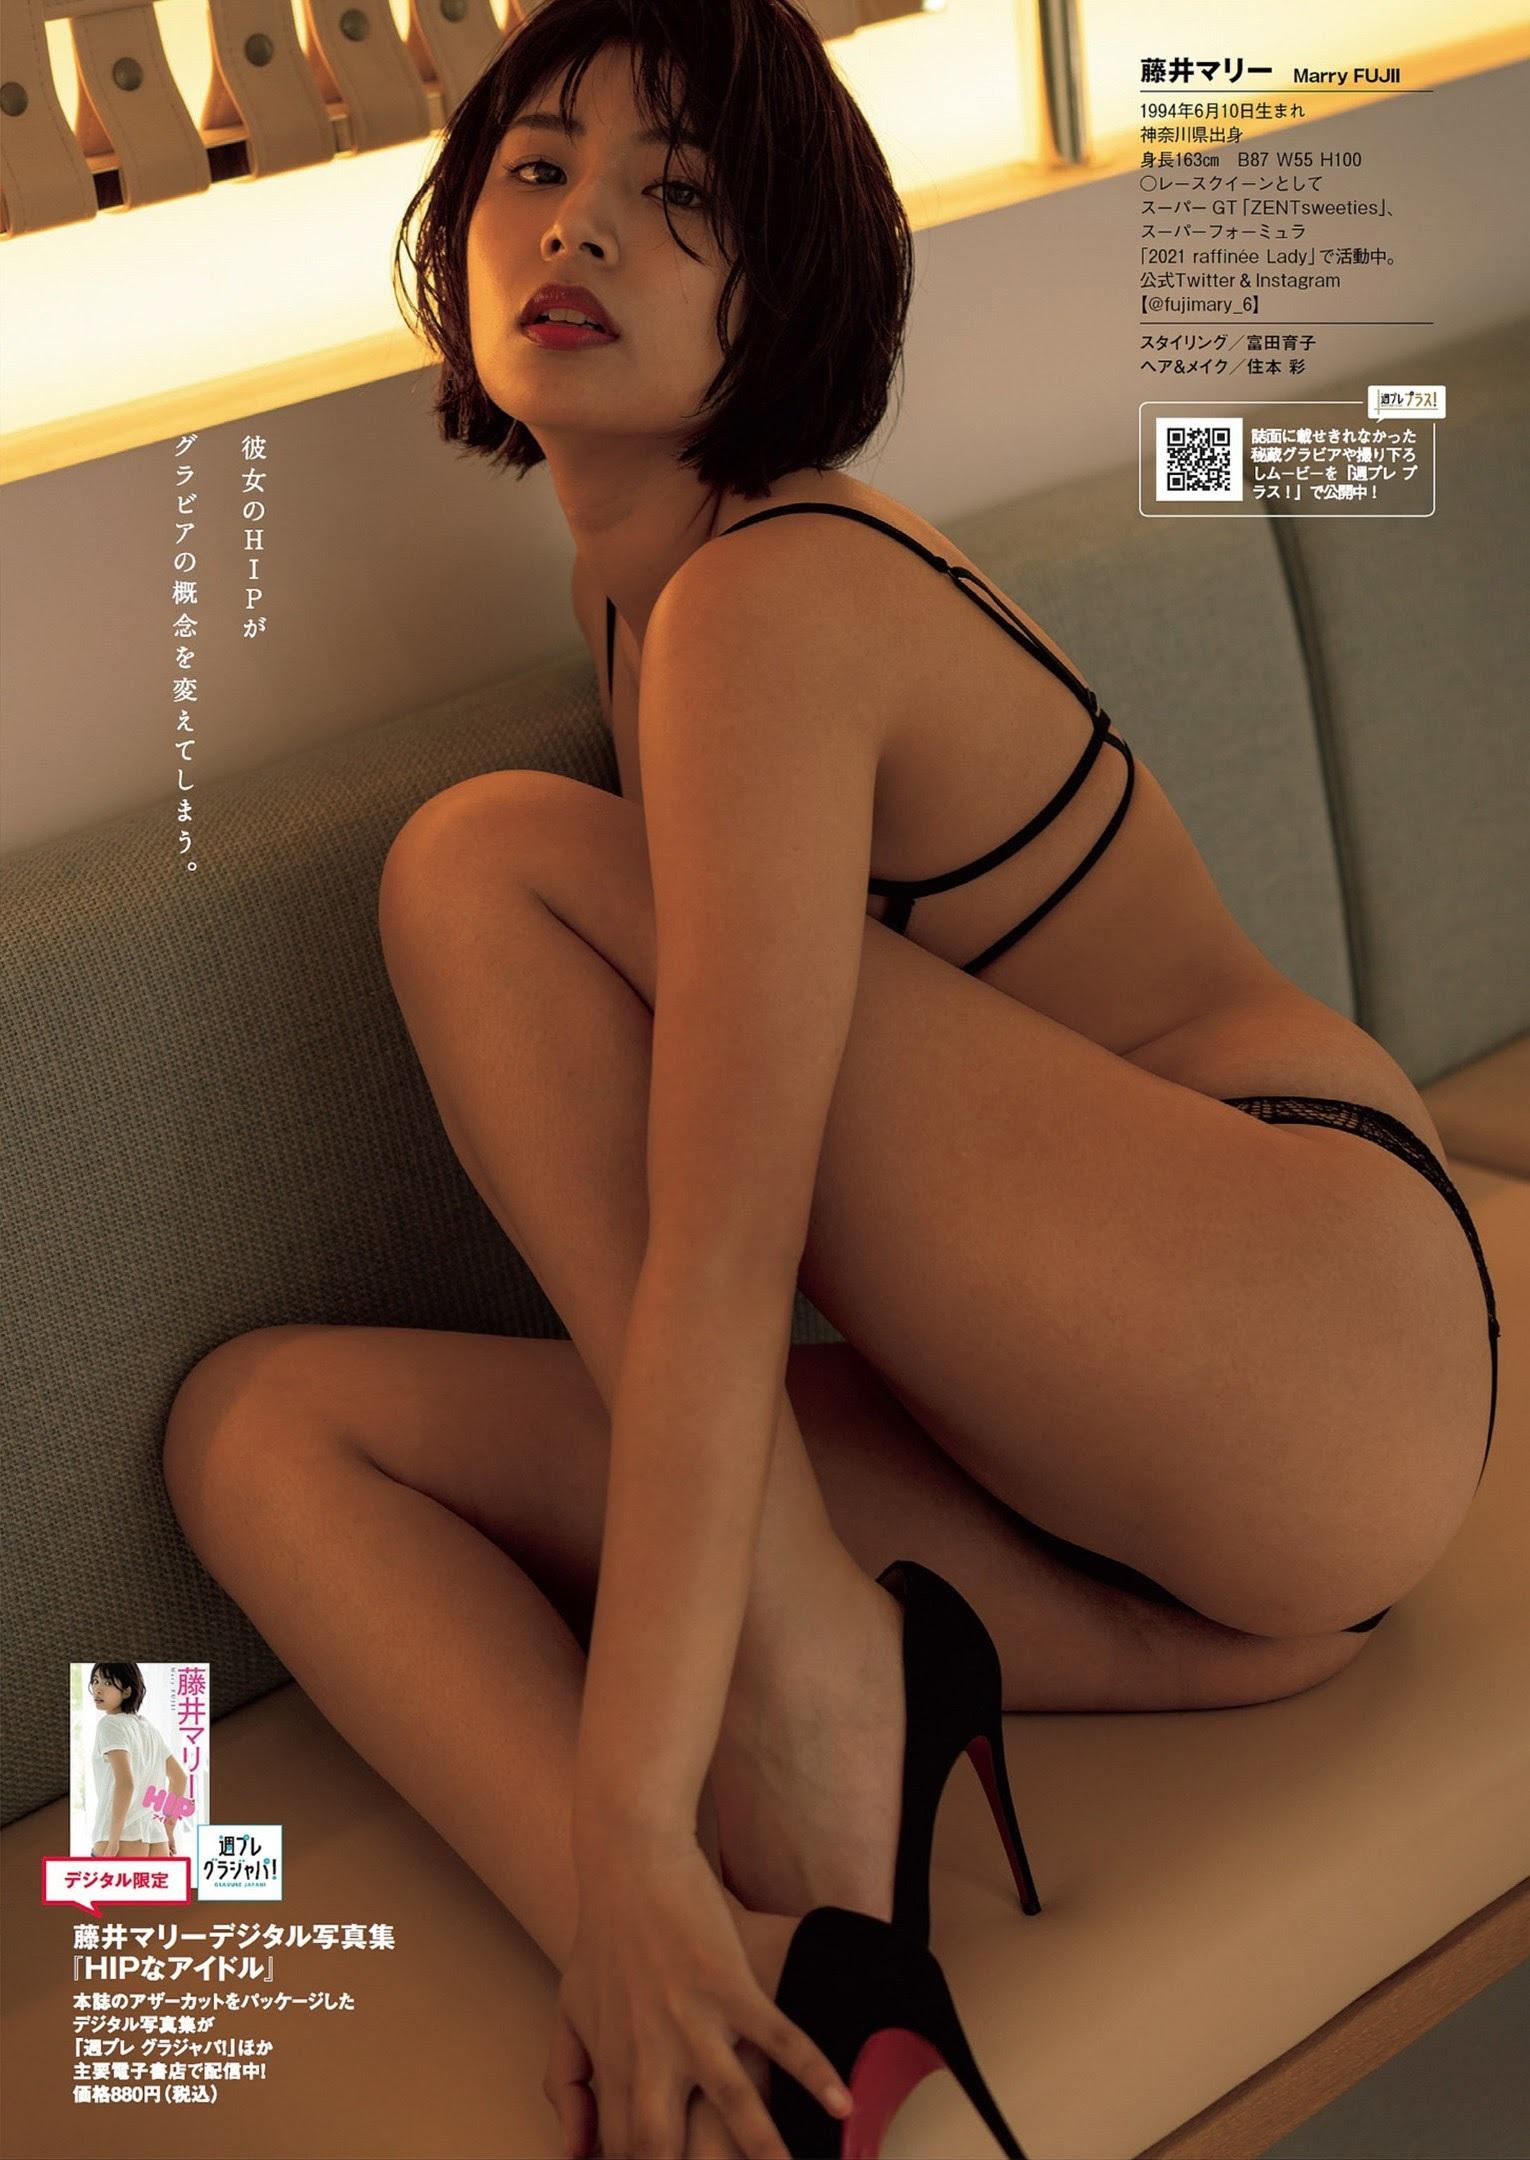 藤井マリー6